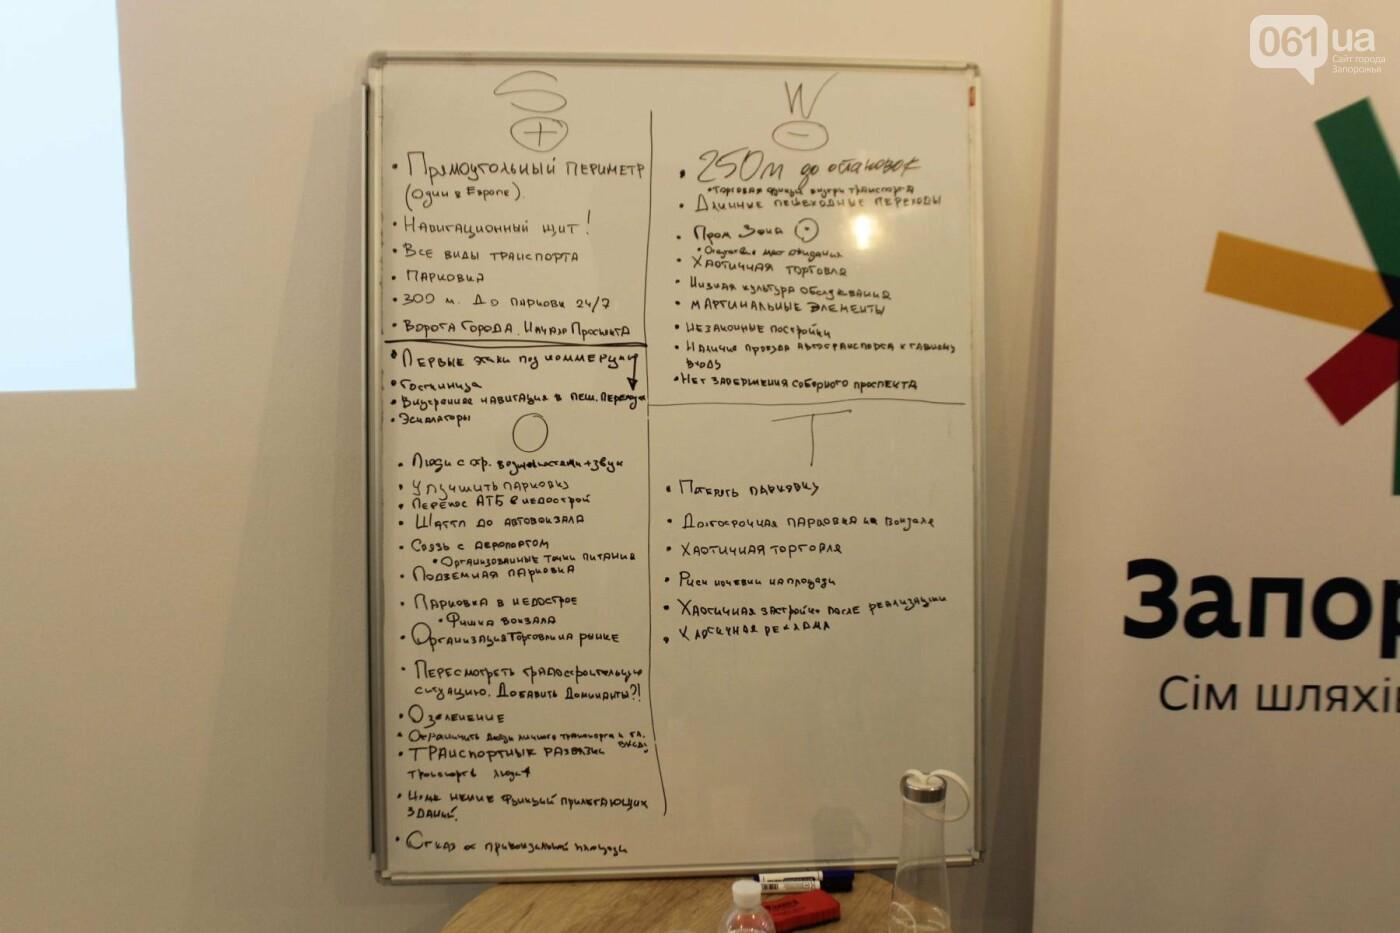 В Запорожье провели мозговой штурм и обсудили будущий проект Привокзальной площади, – ФОТОРЕПОРТАЖ, фото-25